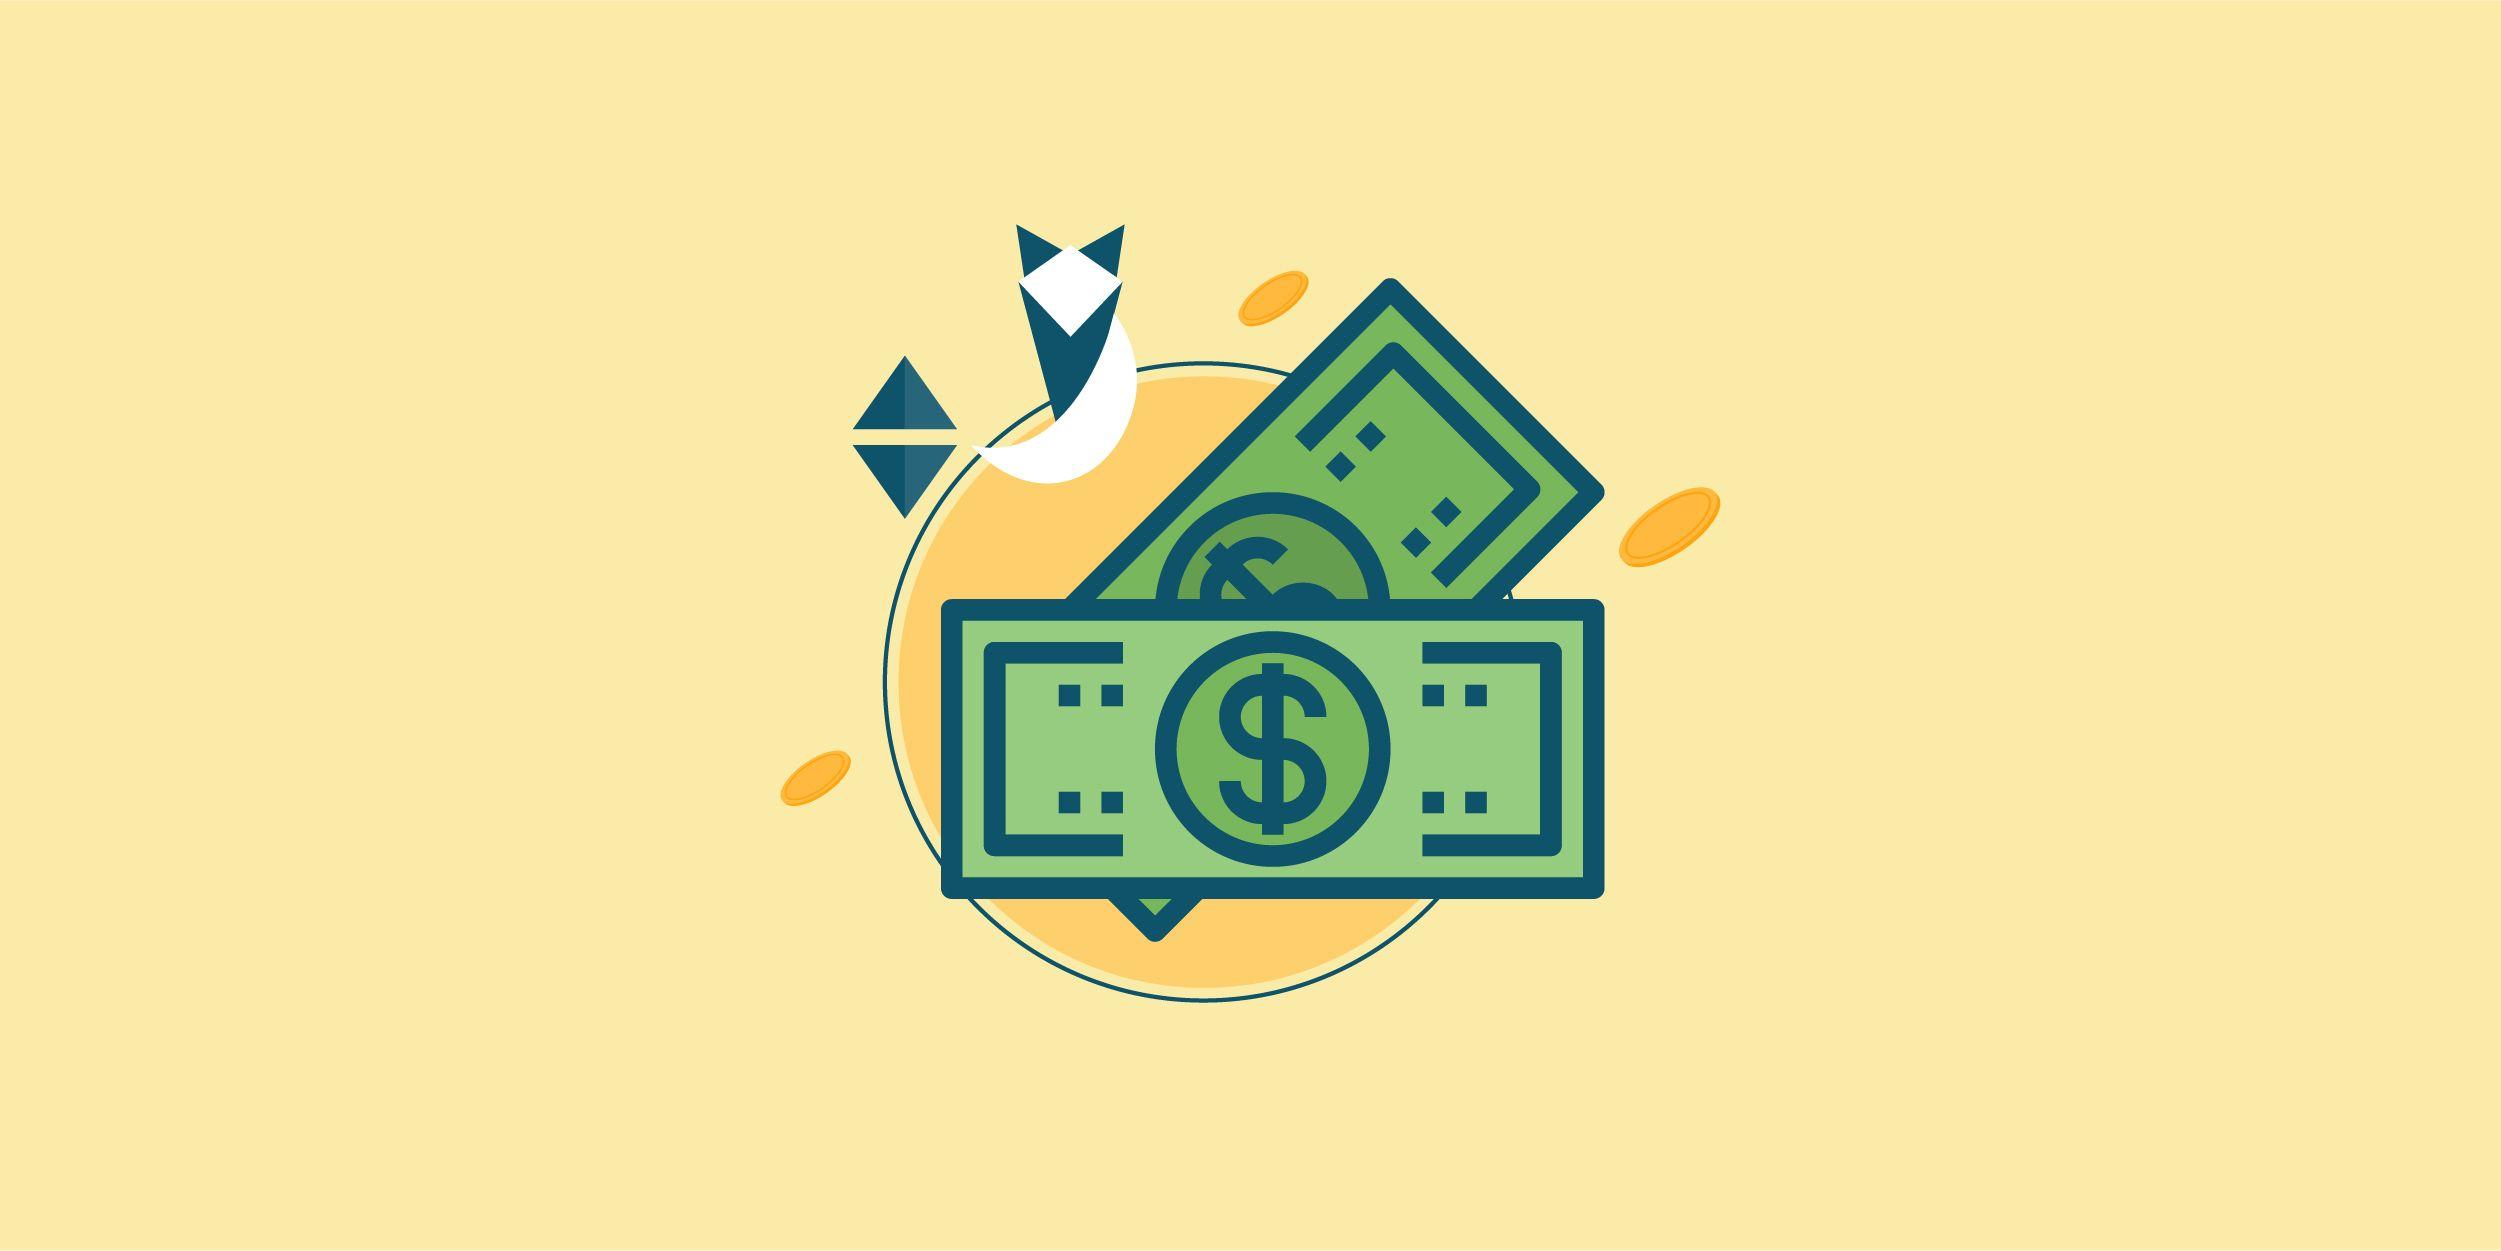 سعر الدولار اليوم في البنوك المصرية اليوم 27 يوليو 2021